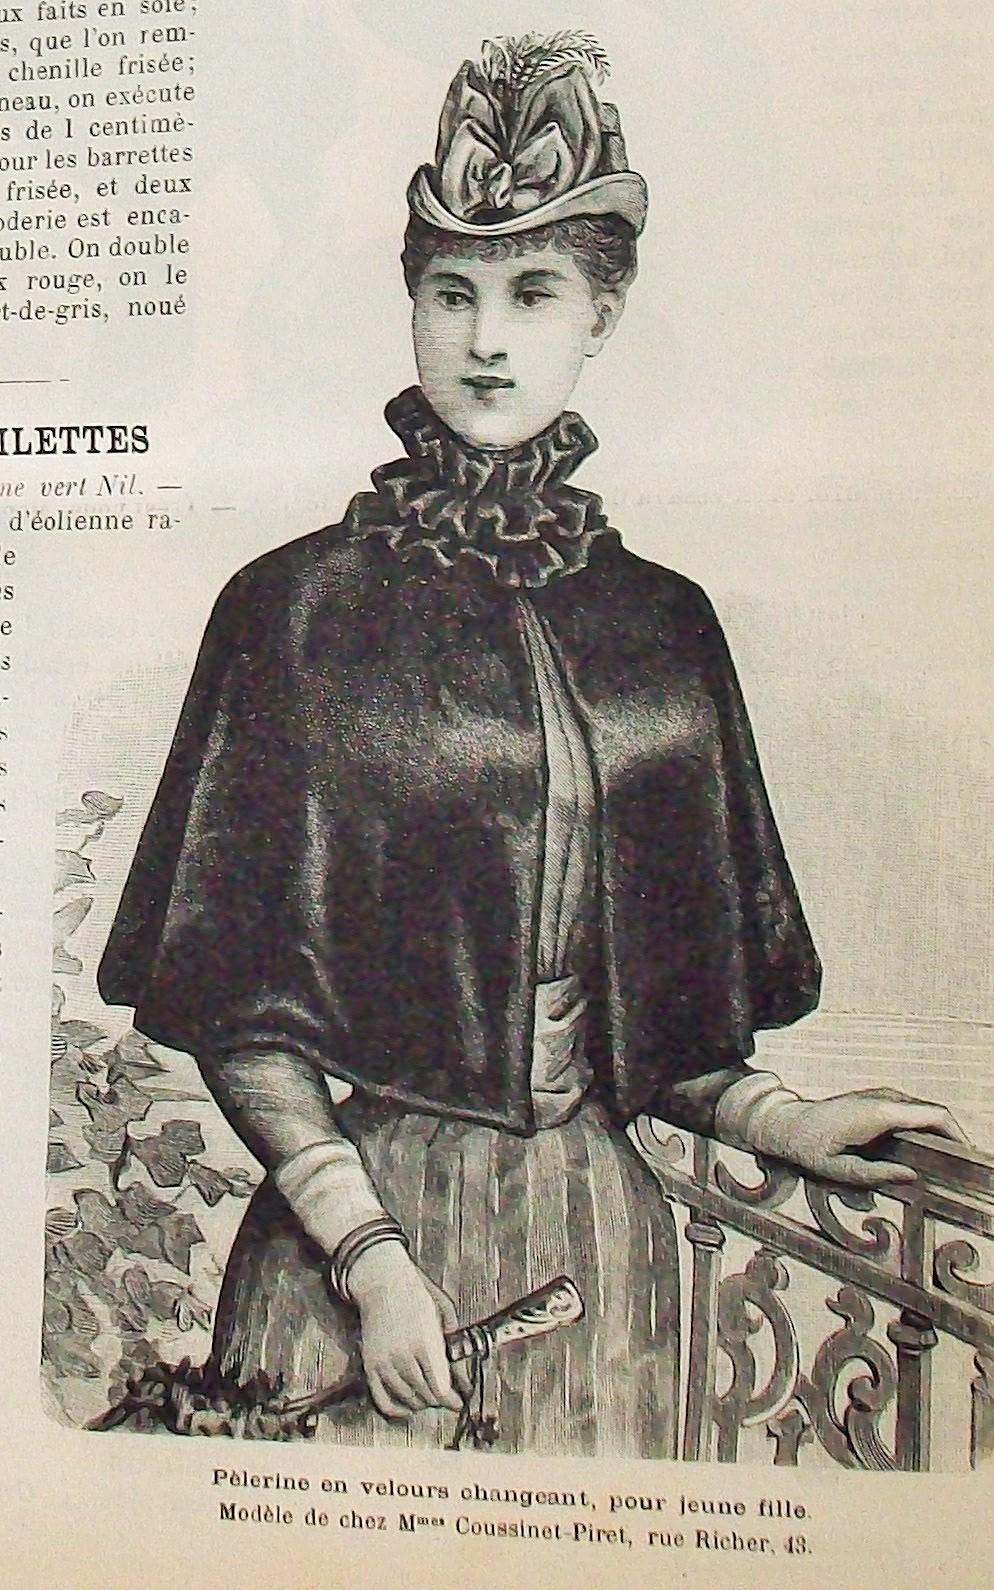 mantellina, da passeggio, femminile - ambito italiano (fine sec. XIX)